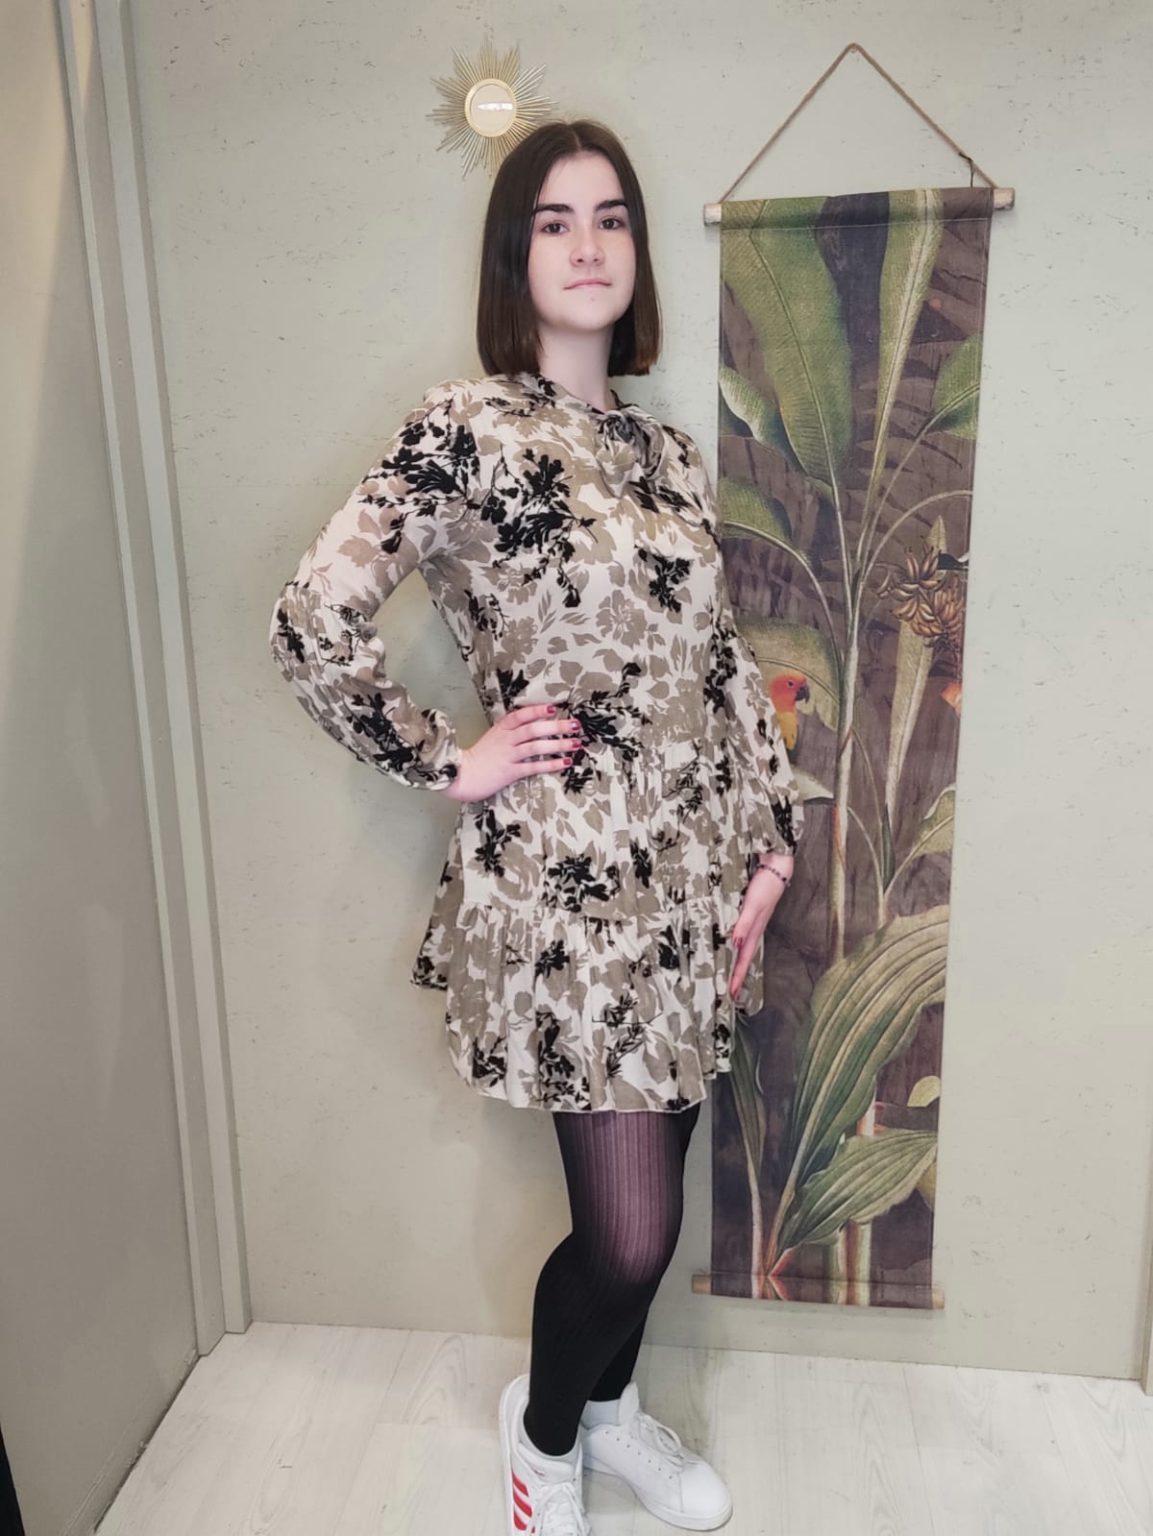 robe courte manche longue fond beige avec fleurs marron et noir. robe cuirte et manche longue